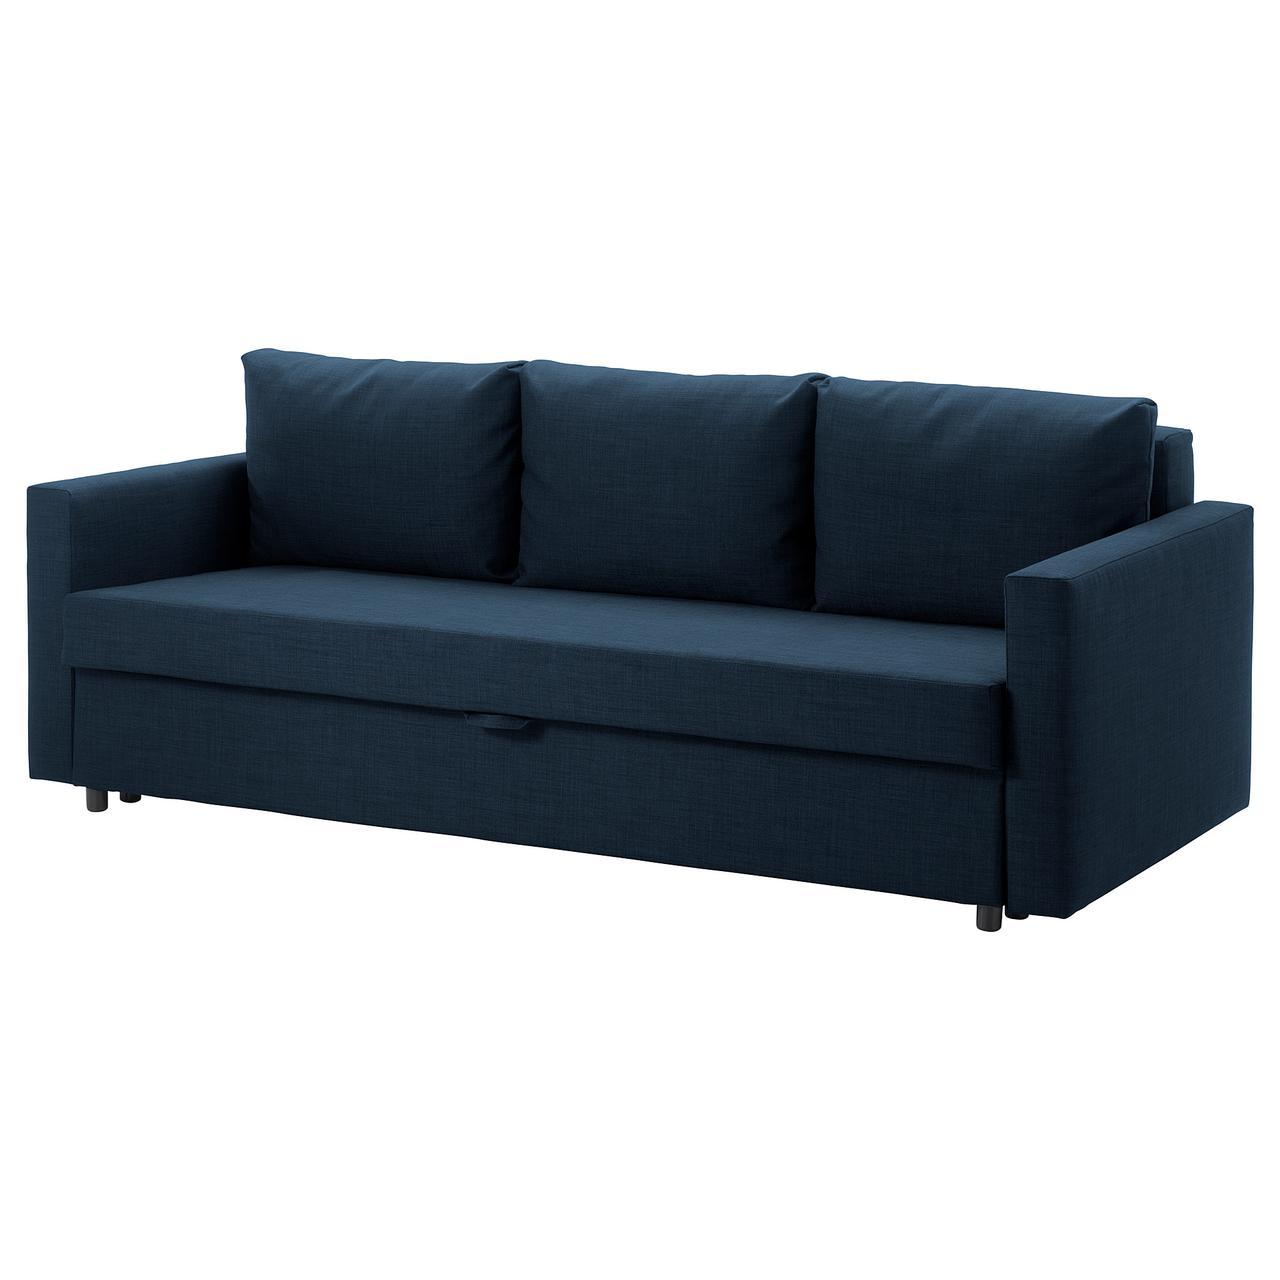 ФРИХЕТЭН 3-местный диван-кровать, Шифтебу темно-синий